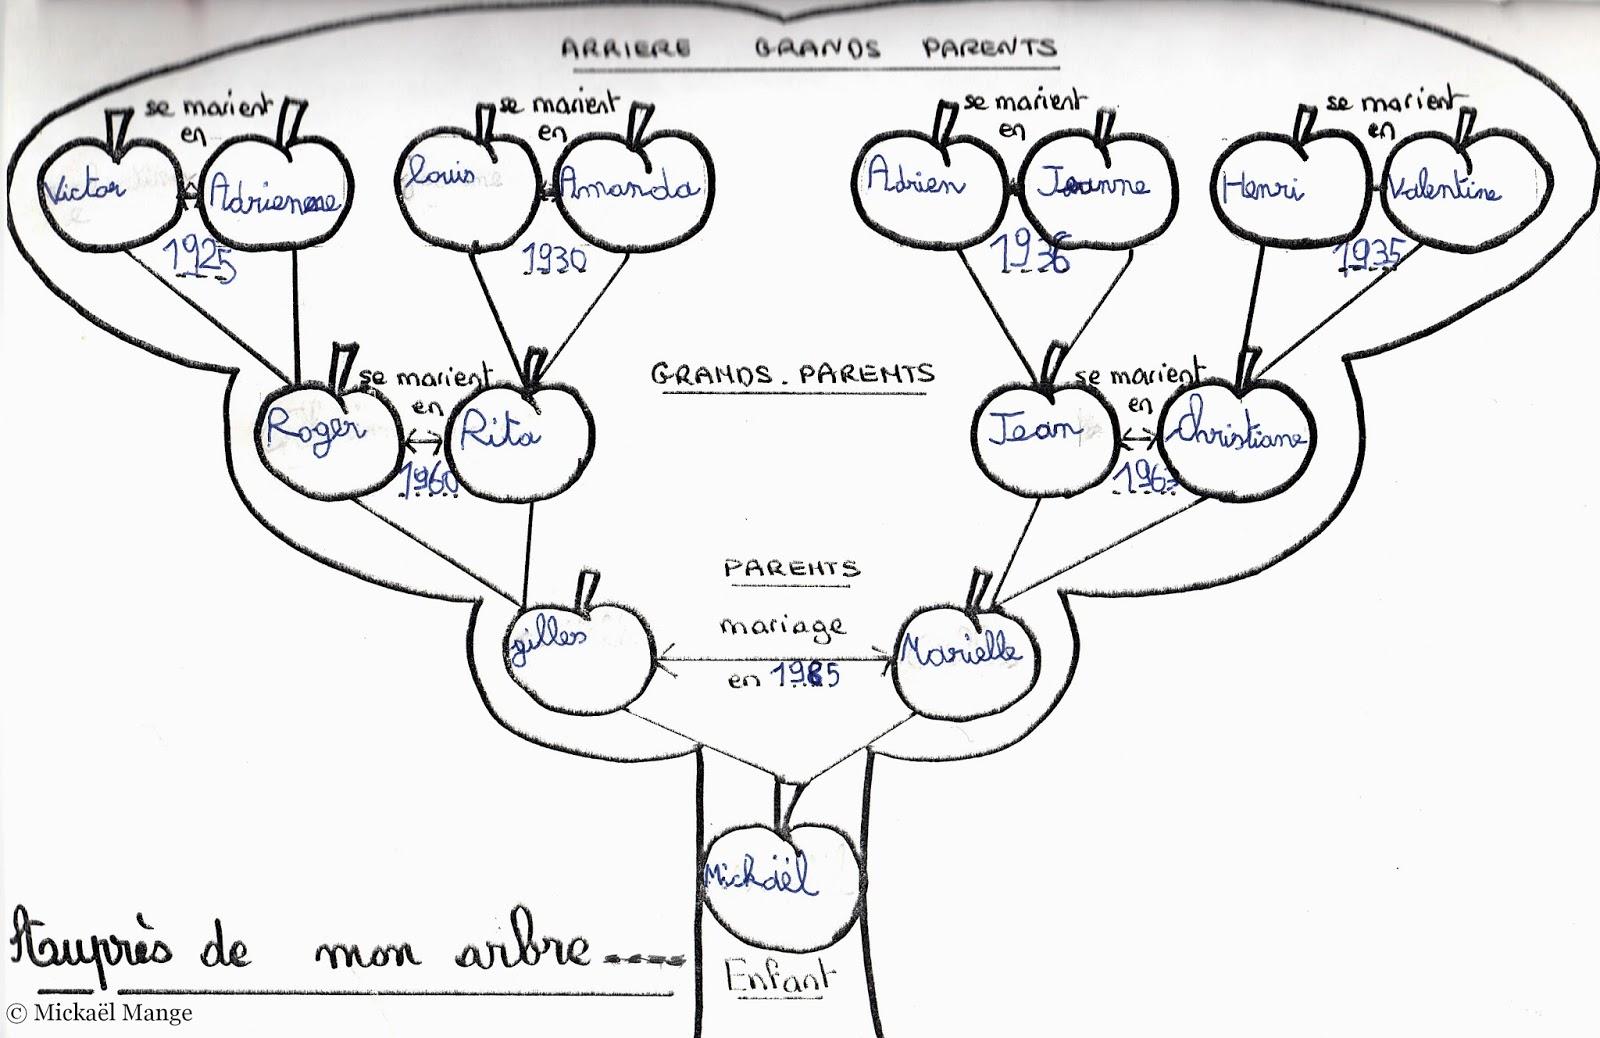 Decembre Genealogie Amp Histoires En Dauphine